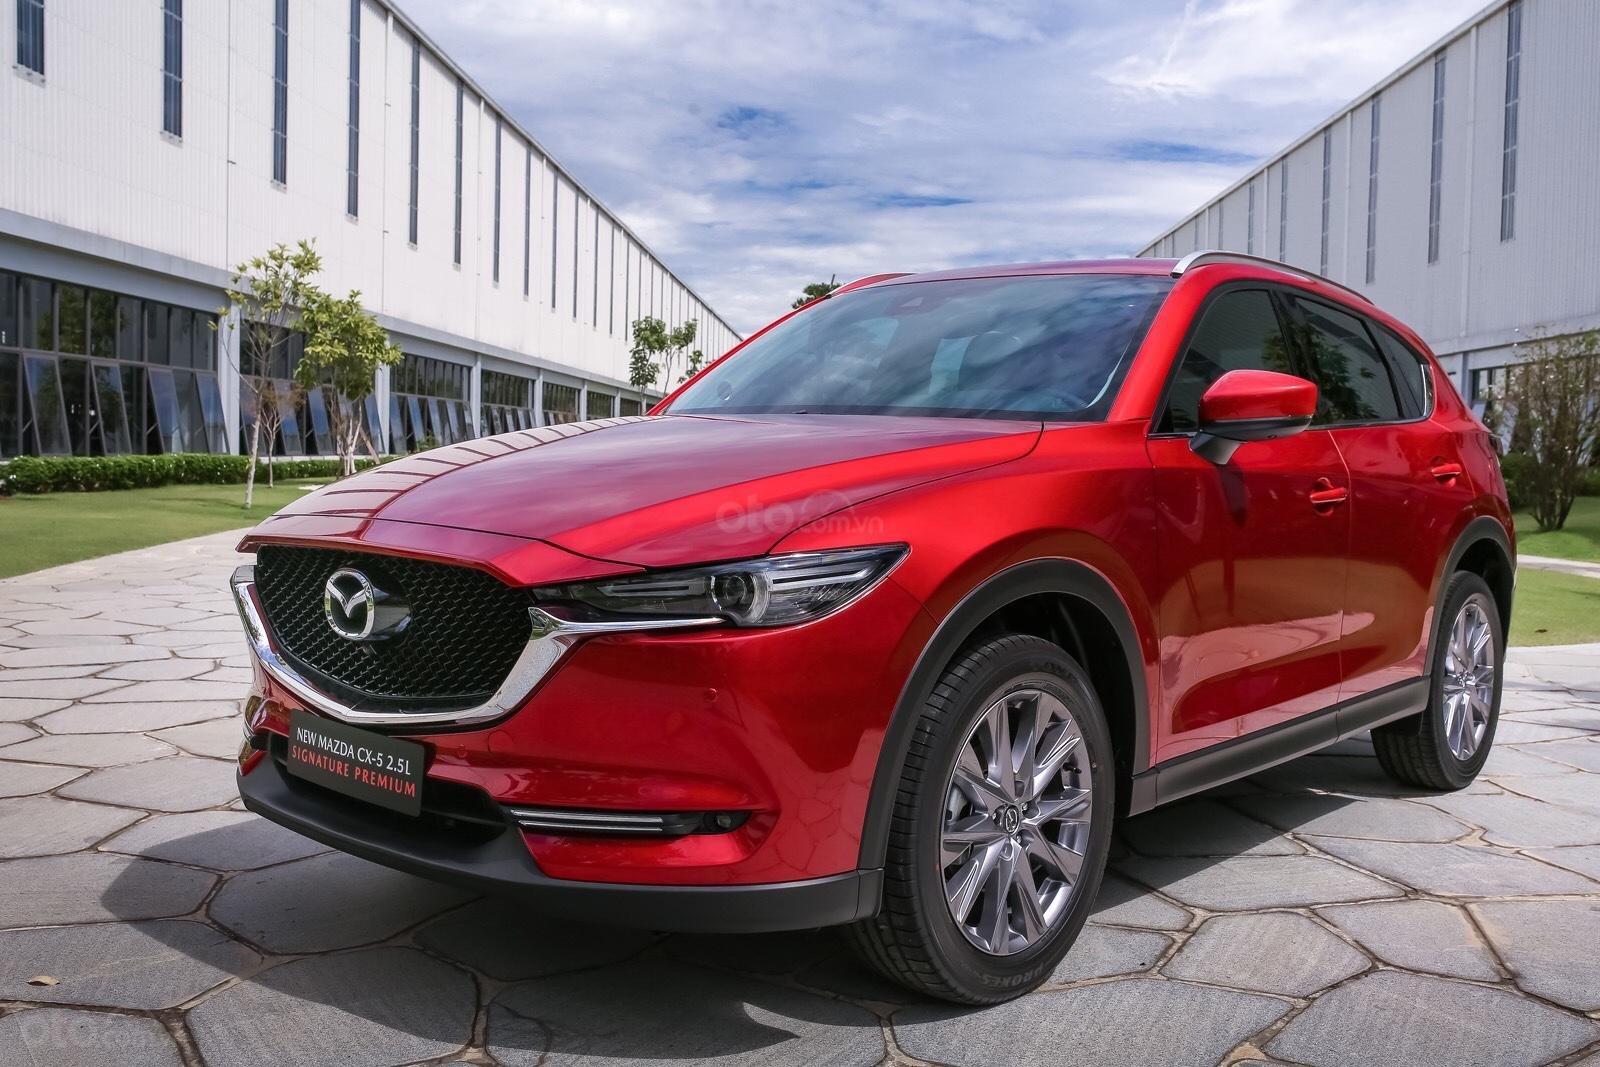 Mazda CX 5 Sig Premium 2.5L giá cực ưu đãi (1)